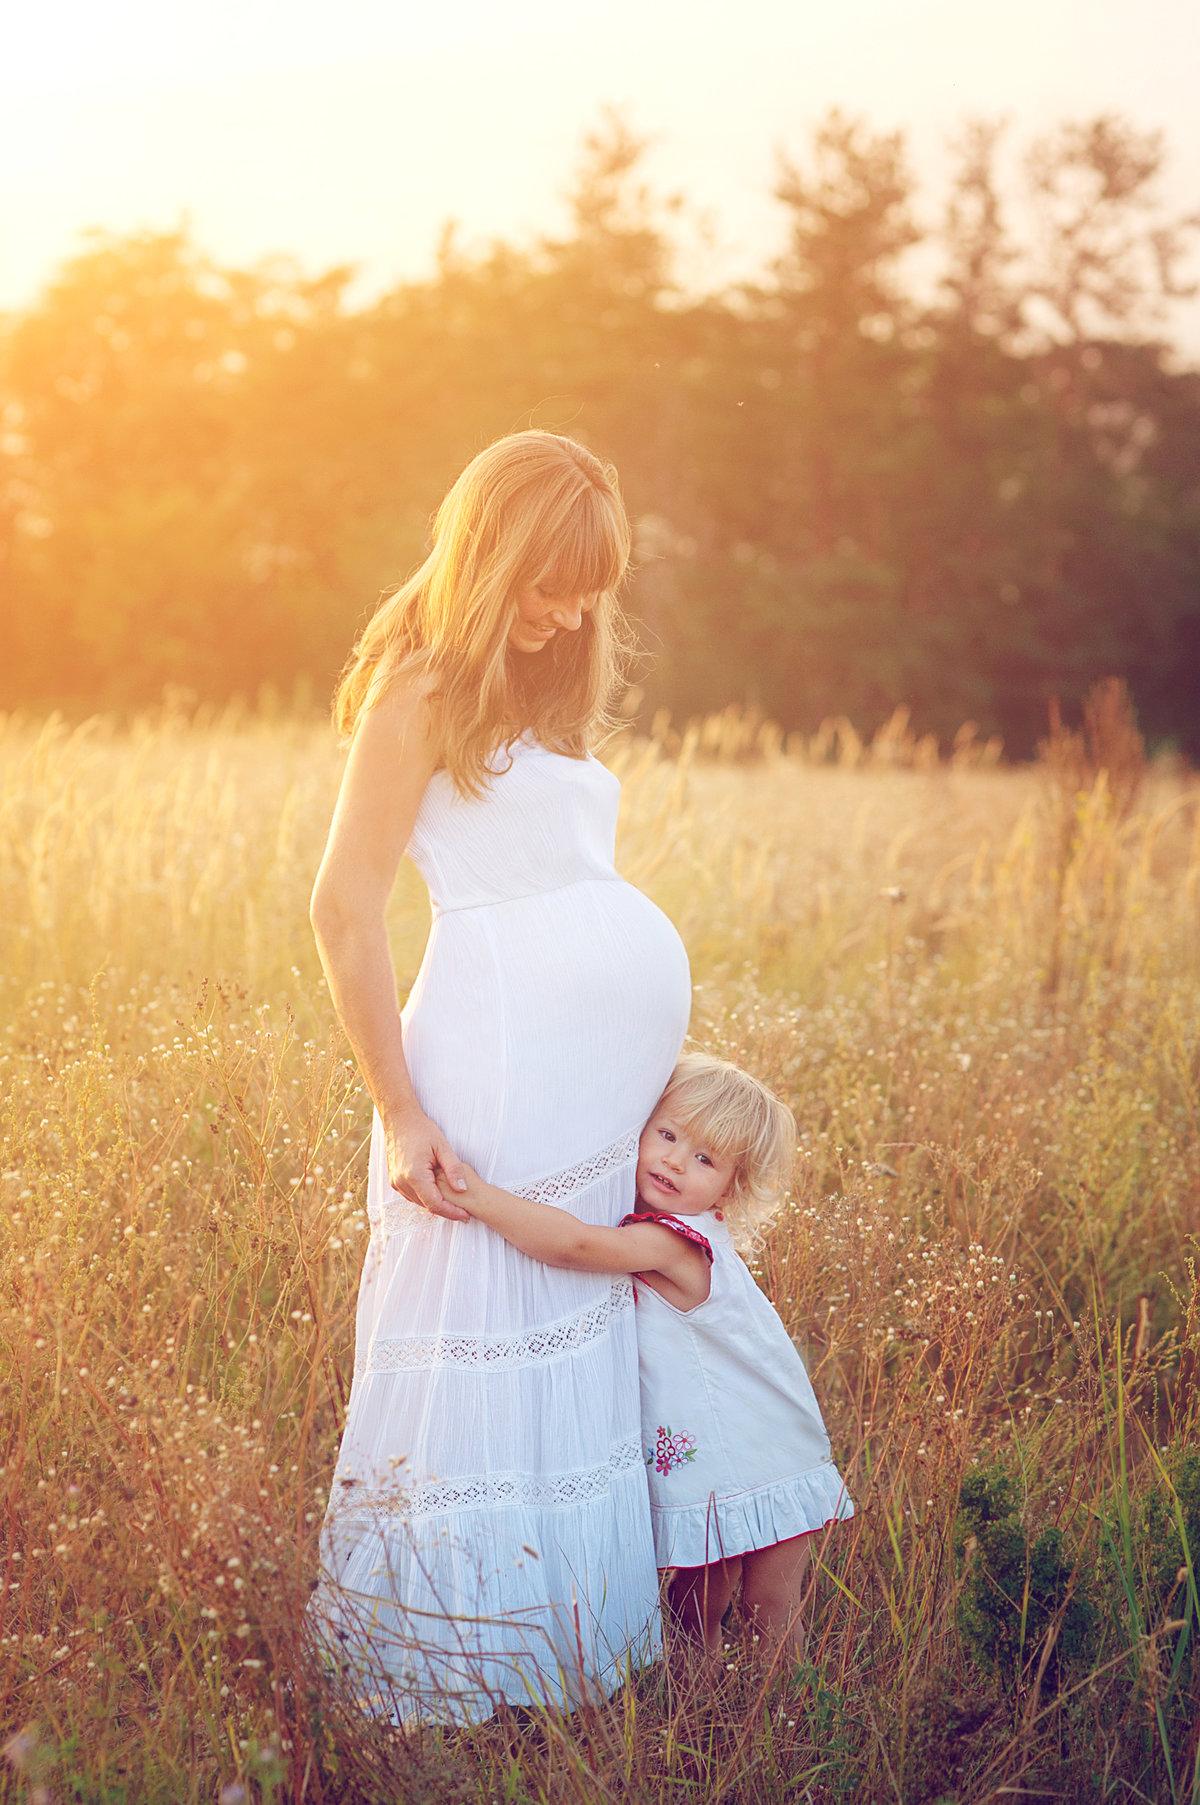 Идеи беременной на природе с со старшим сыном